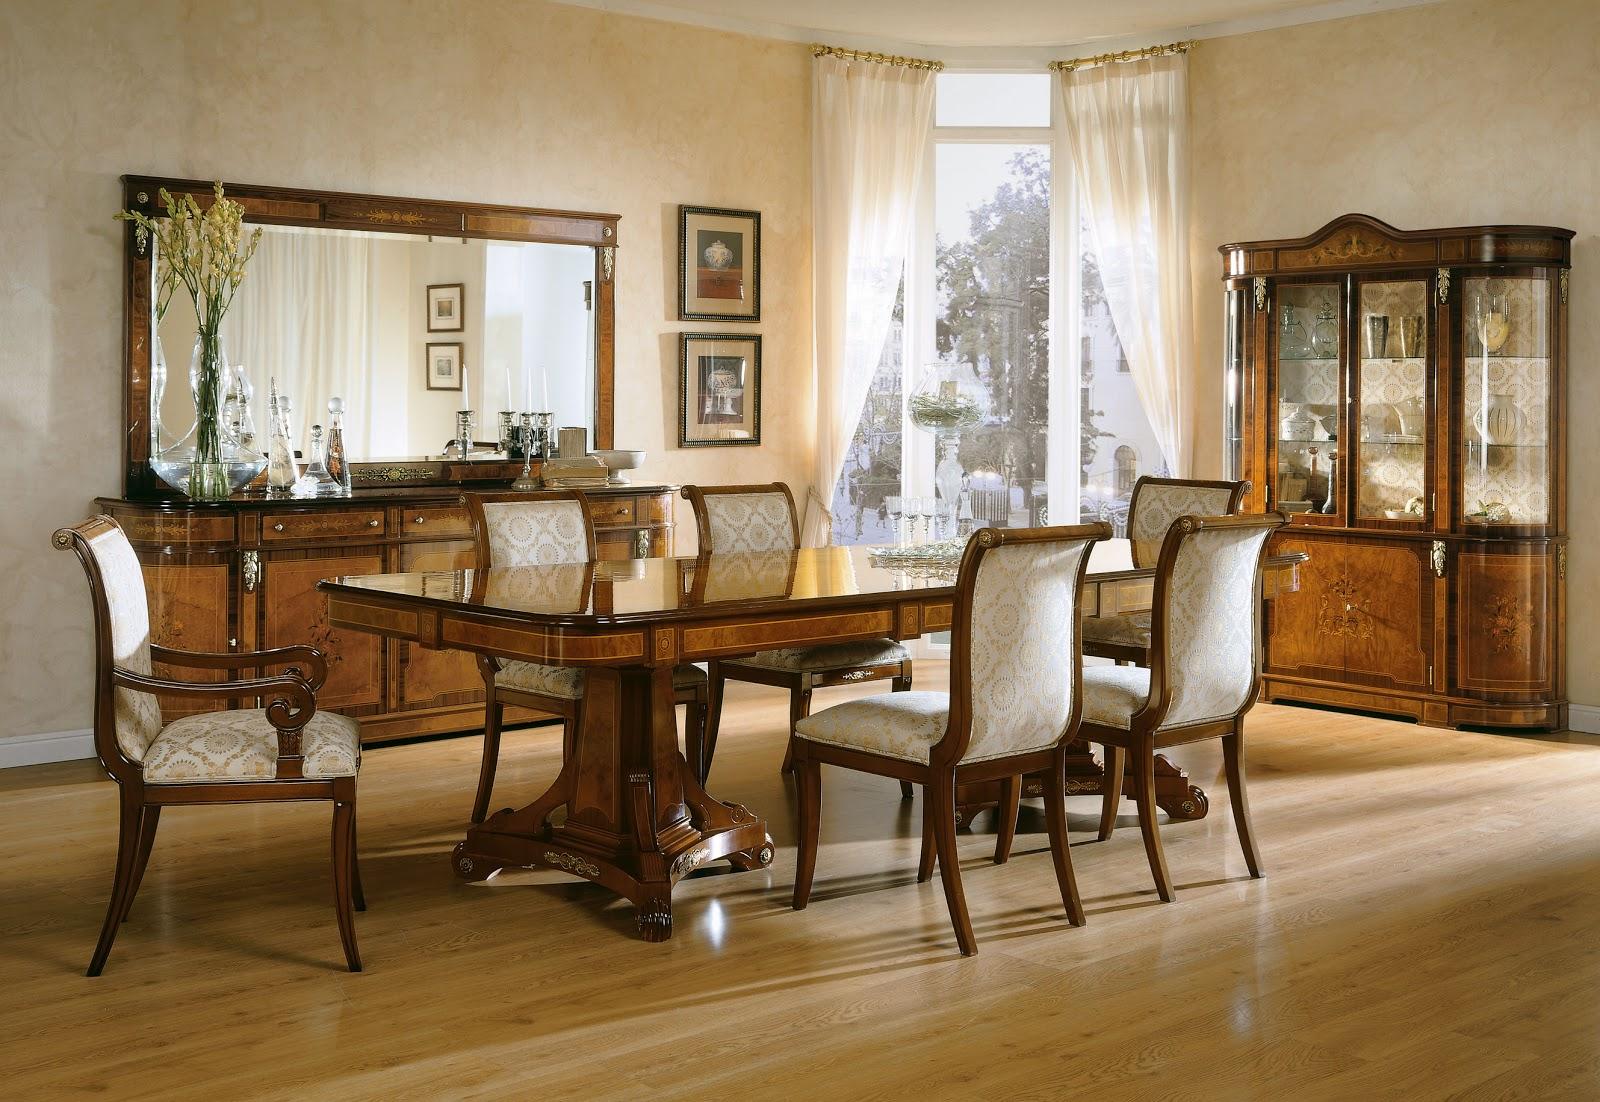 Soluciones para el hogar y el amor el comedor - Muebles modernos para comedor ...